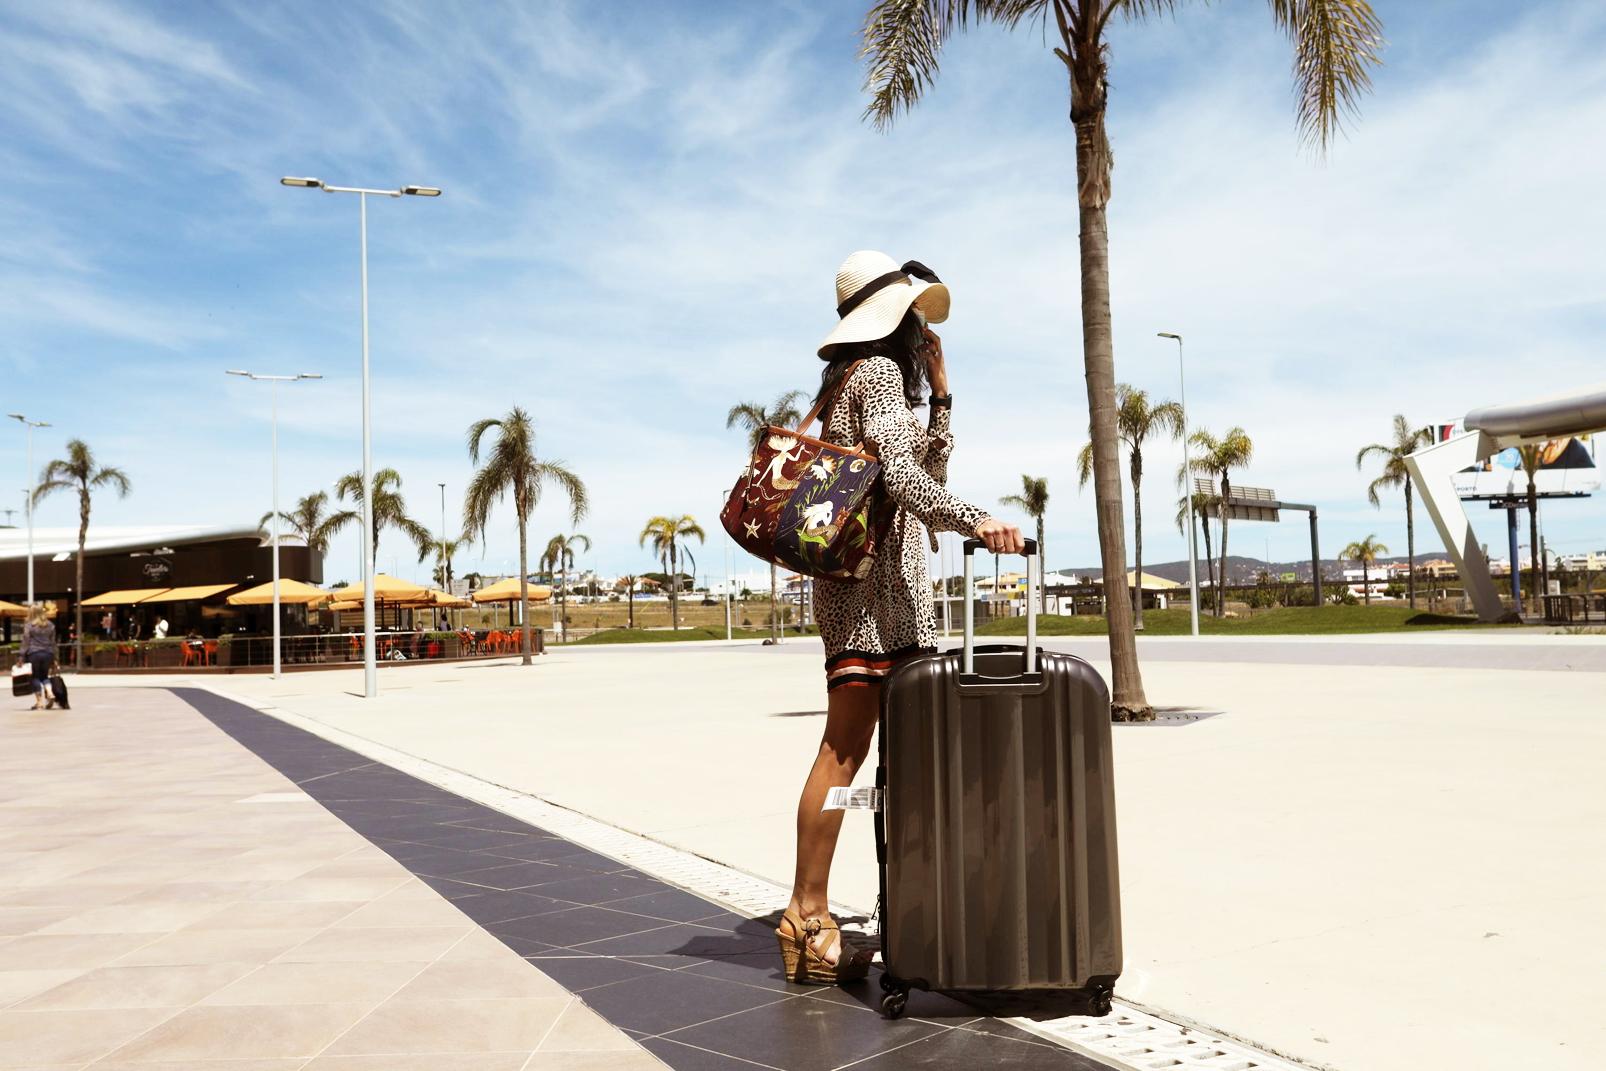 Sau một năm mắc kẹt giữa đại dịch, kỳ nghỉ hè là dịp để các quốc gia tìm kiếm hy vọng vực dậy ngành du lịch - ẢNH: AP